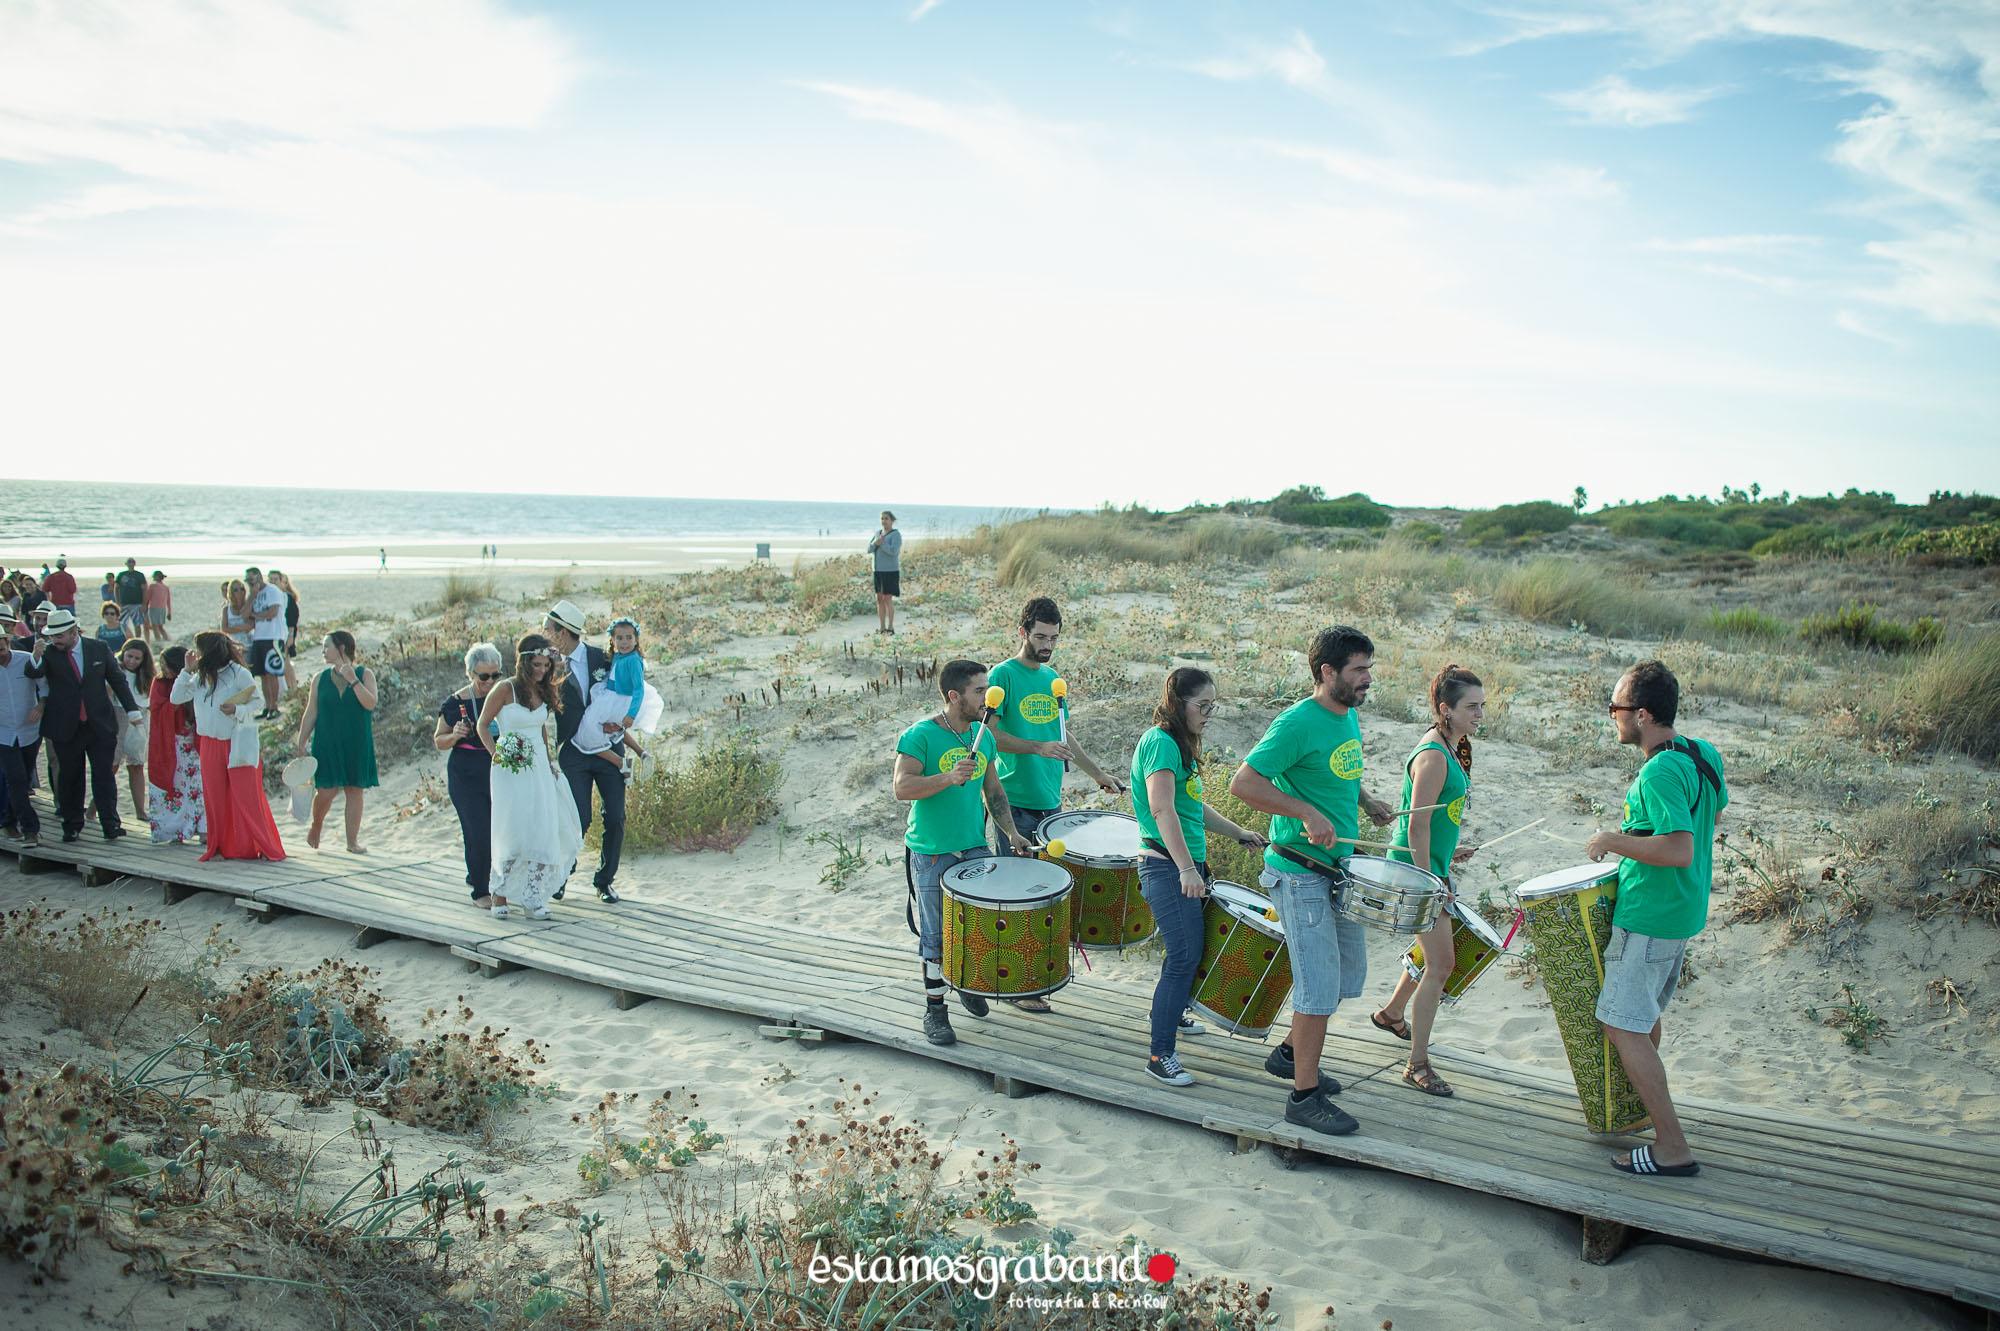 LARA-Y-MIGUE-BACK-TO-DE-THE-WEDDING-10-3 Los invitados de Lara & Migue [Back to the wedding_Club de Golf Costa Ballena] - video boda cadiz